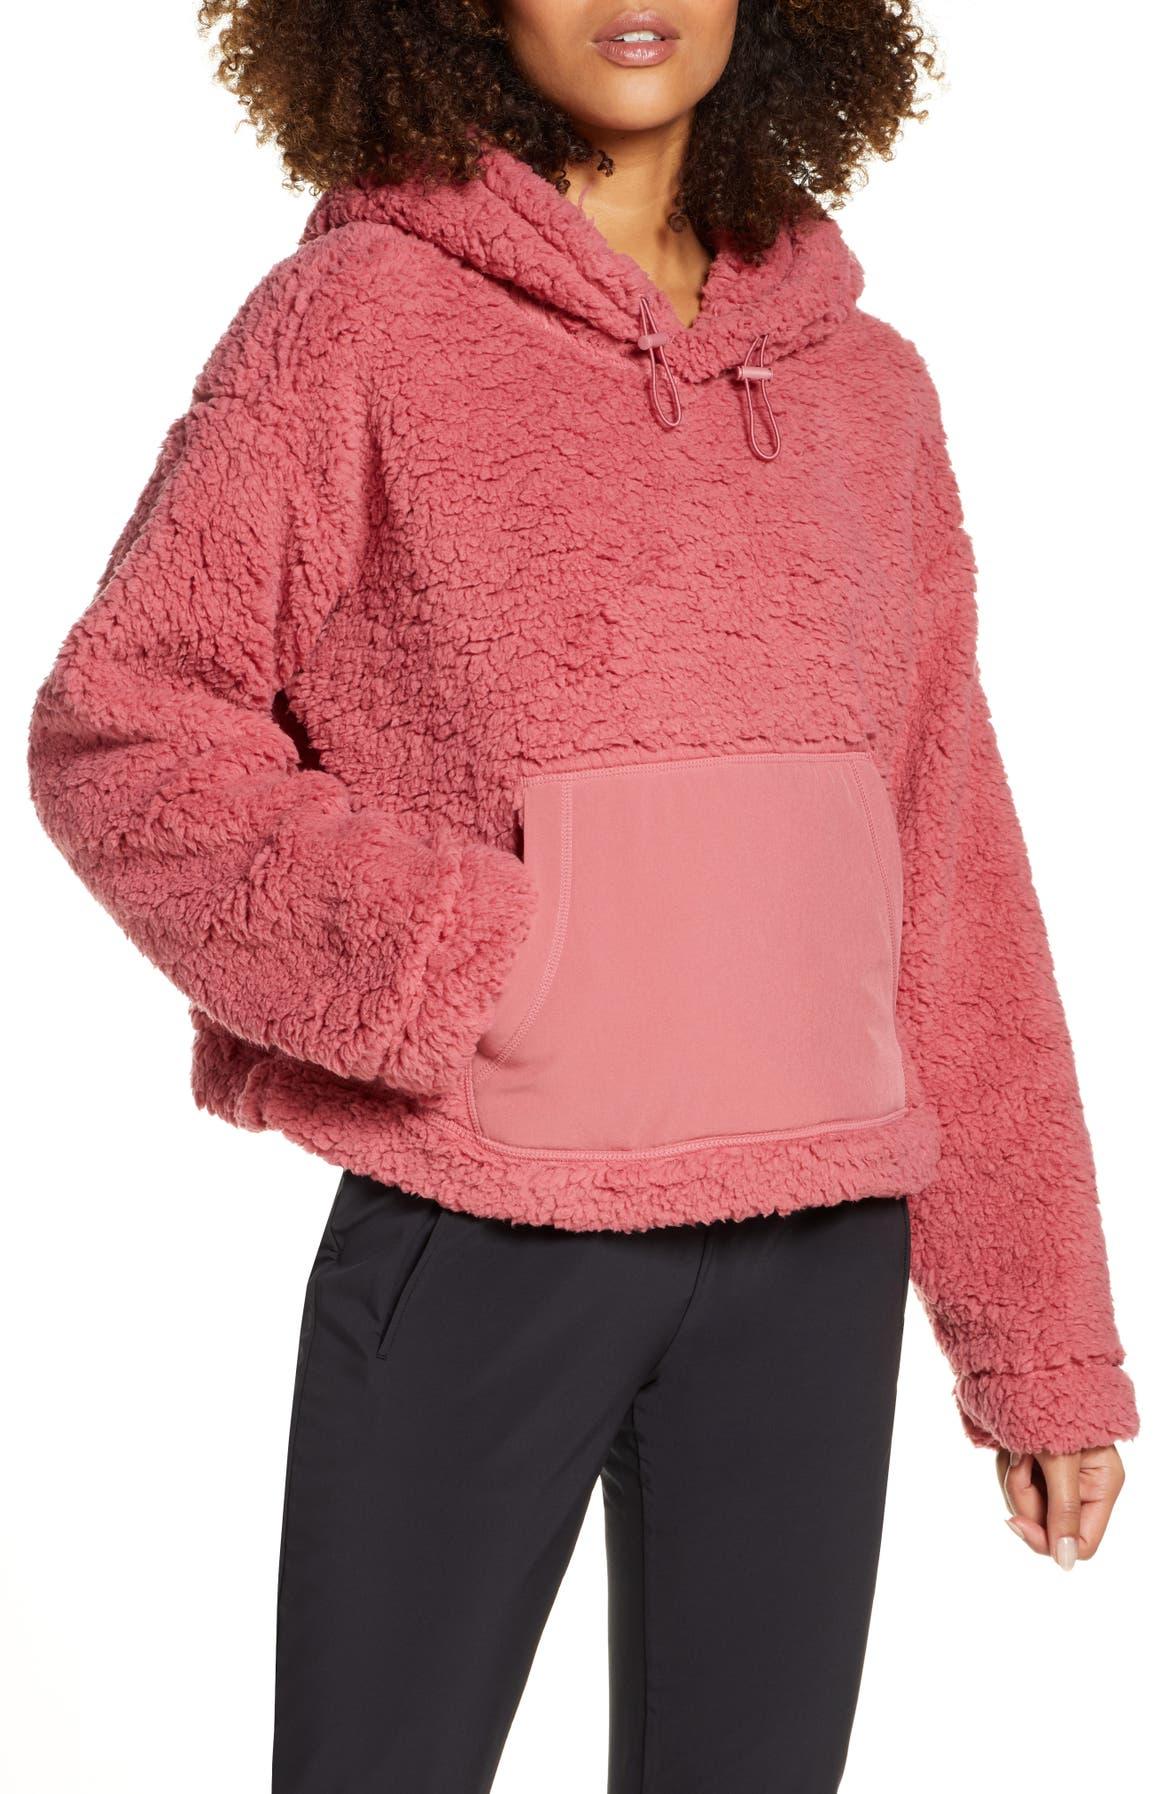 ZELLA Cassie Faux Fur Hoodie, Main, color, PINK MAUVE